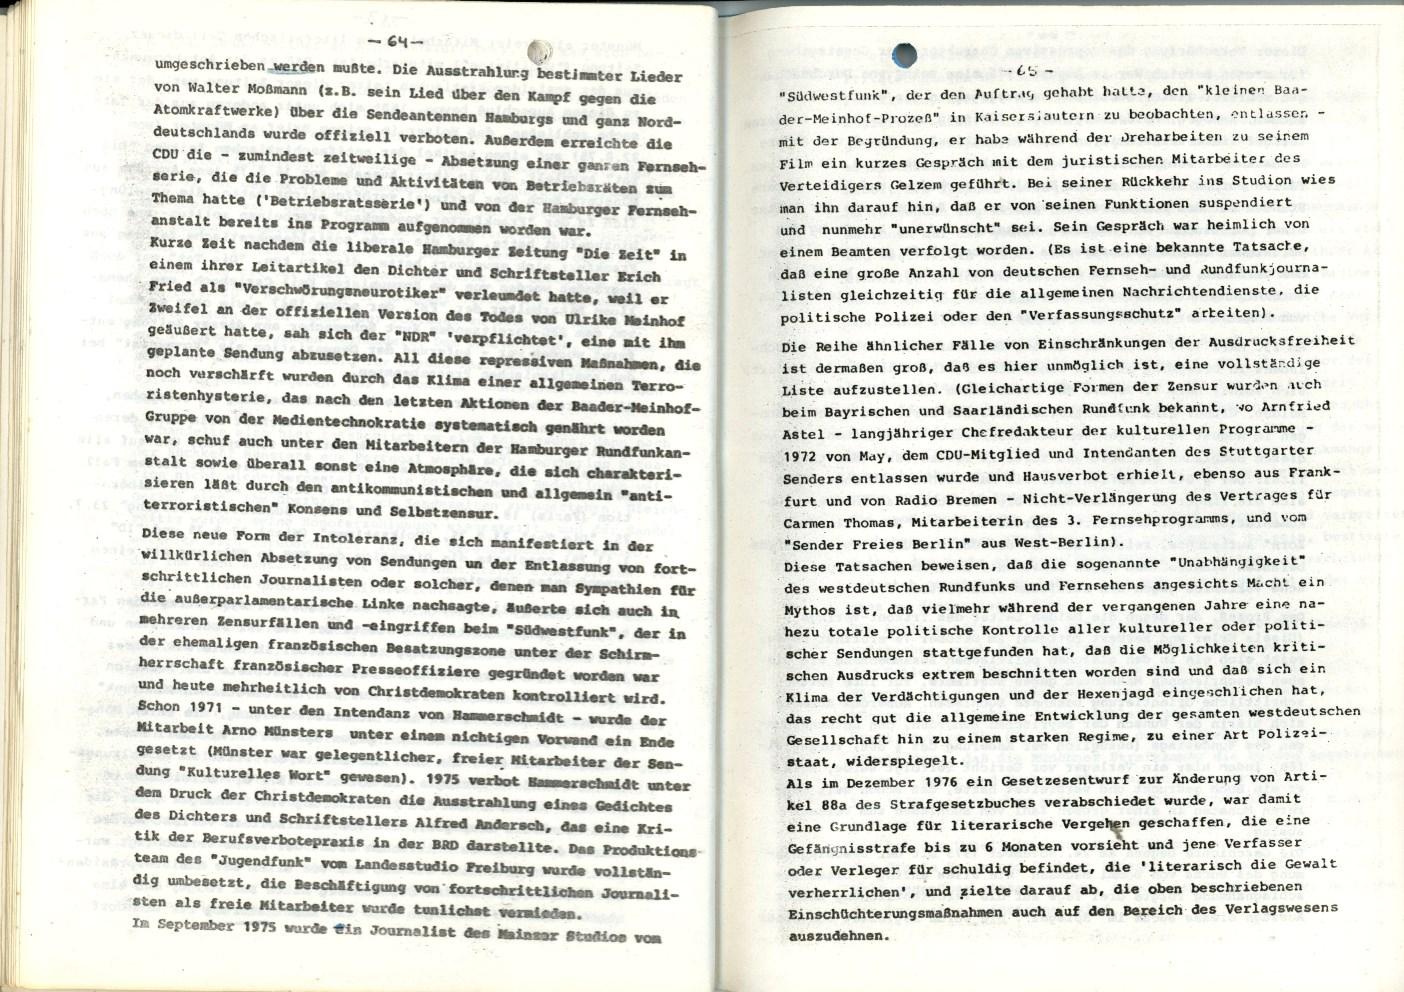 Hamburg_Vorbereitungsgruppe_Russell_Tribunal_Zensur_1978_33